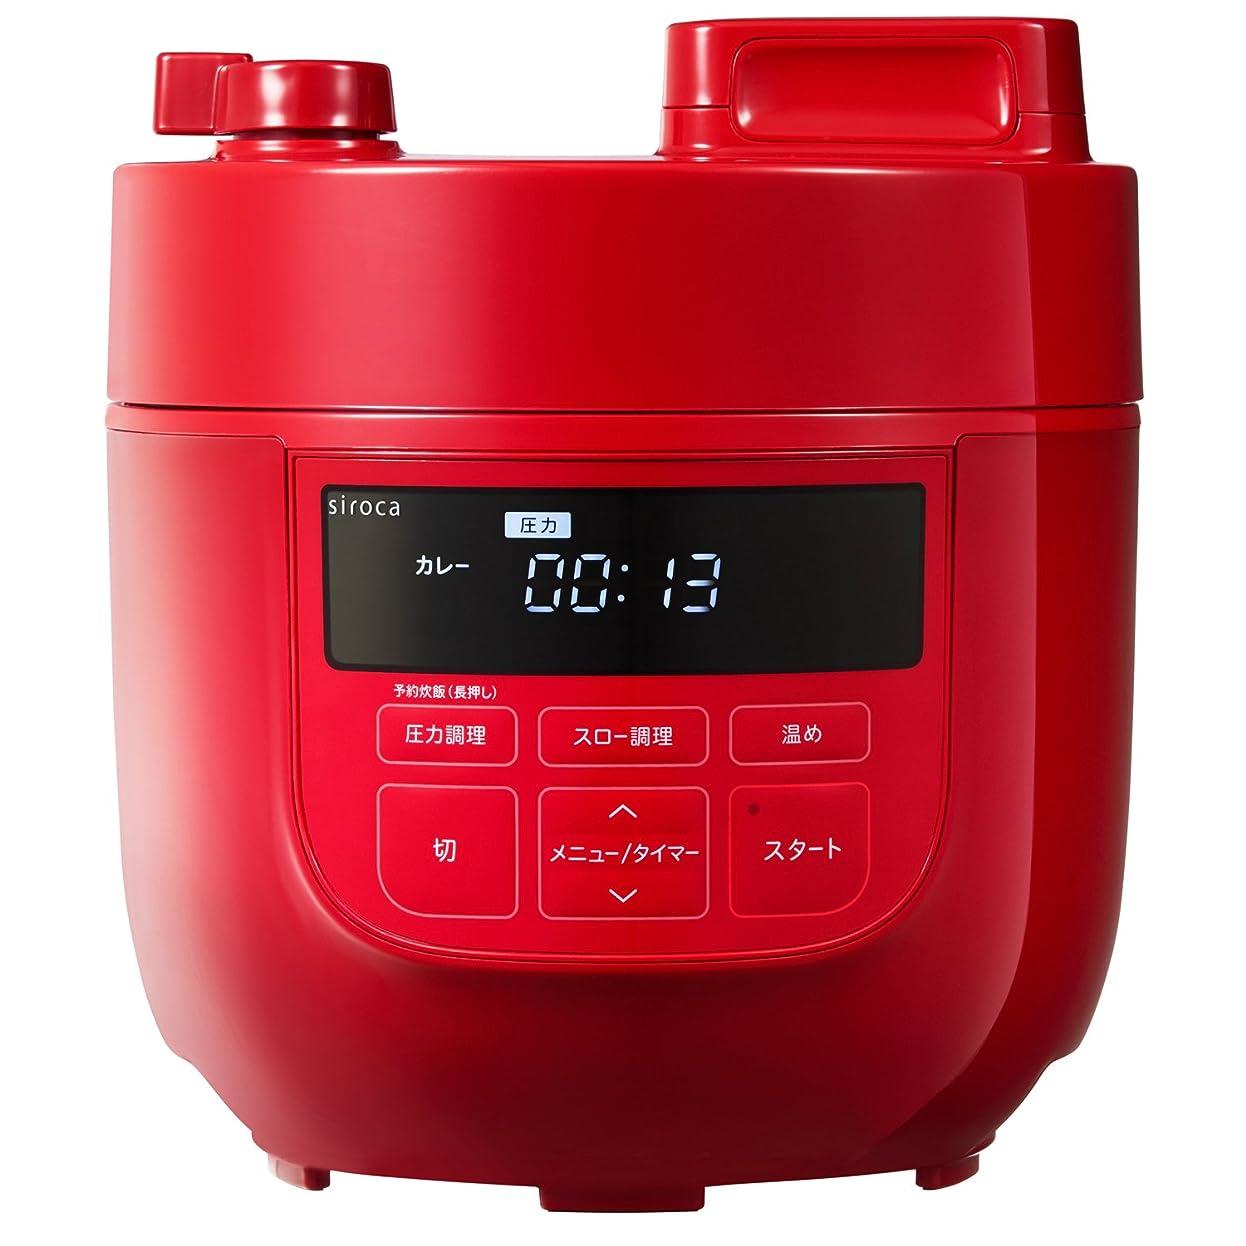 雄弁ひいきにする南方のsiroca 電気圧力鍋 SP-D131 レッド[圧力/無水/蒸し/炊飯/スロー調理/温め直し/コンパクト]